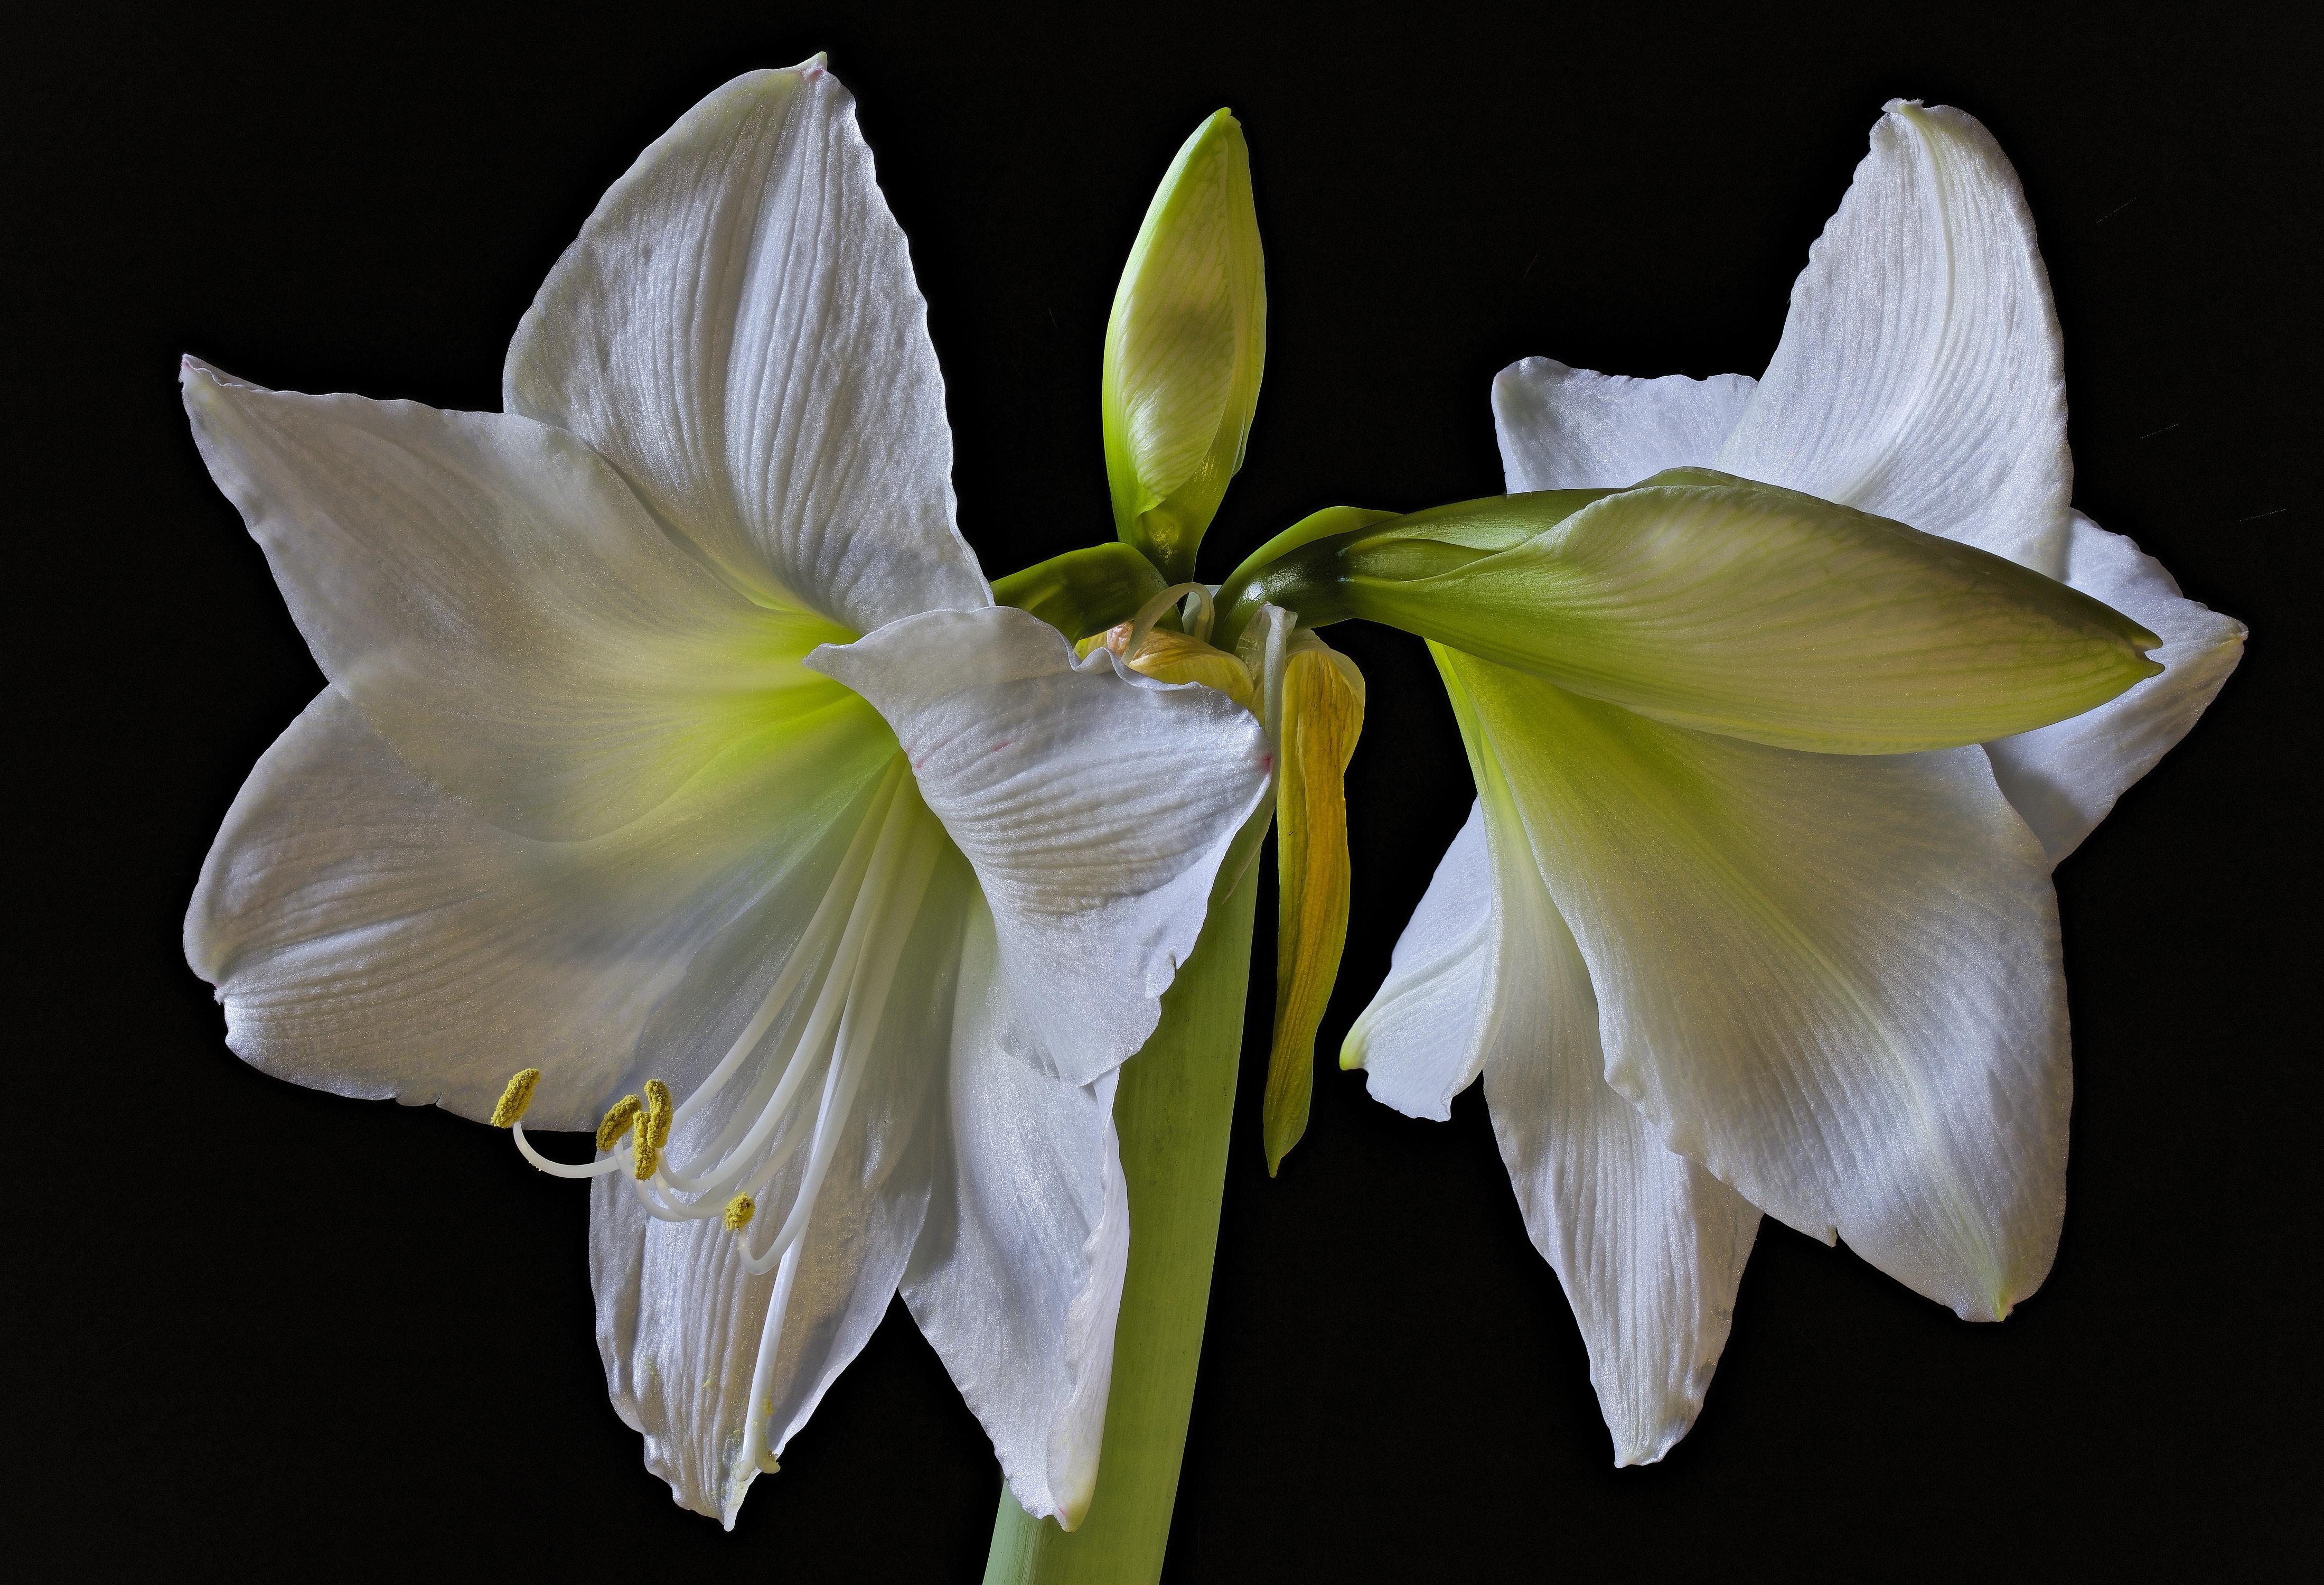 Картинки белые Цветы Амариллис Бутон Черный фон Крупным планом белых Белый белая цветок вблизи на черном фоне